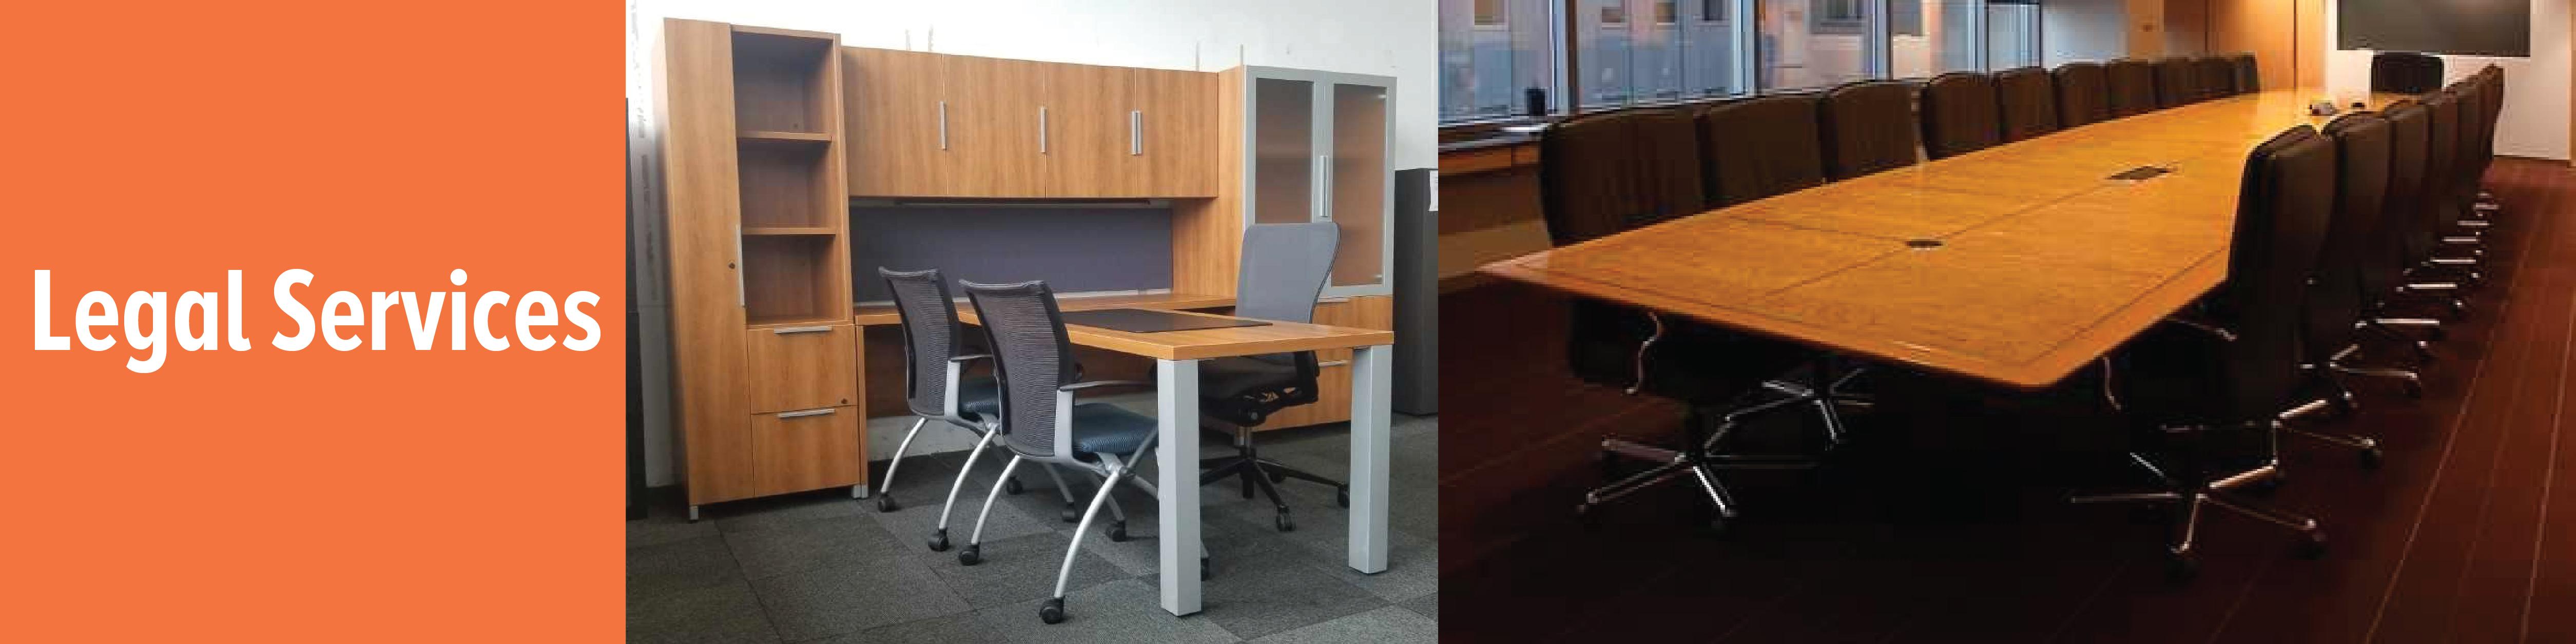 Legal Service Furniture